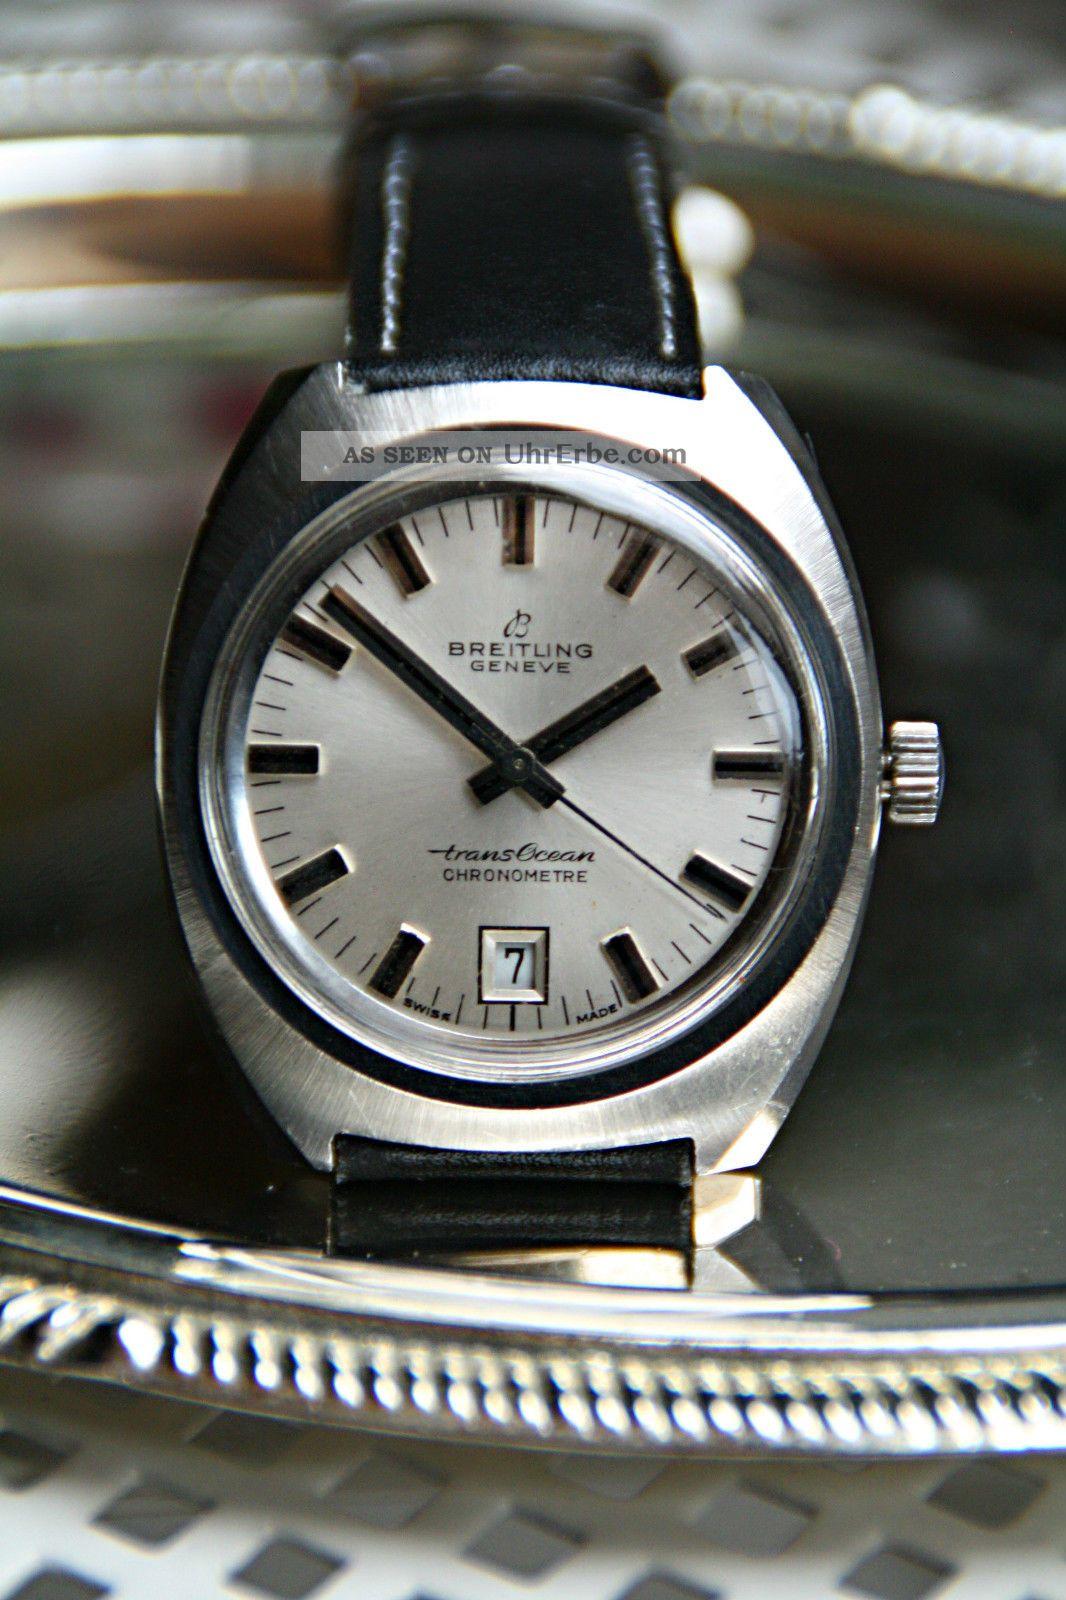 Breitling Geneve Herren Armbanduhr Armbanduhren Bild